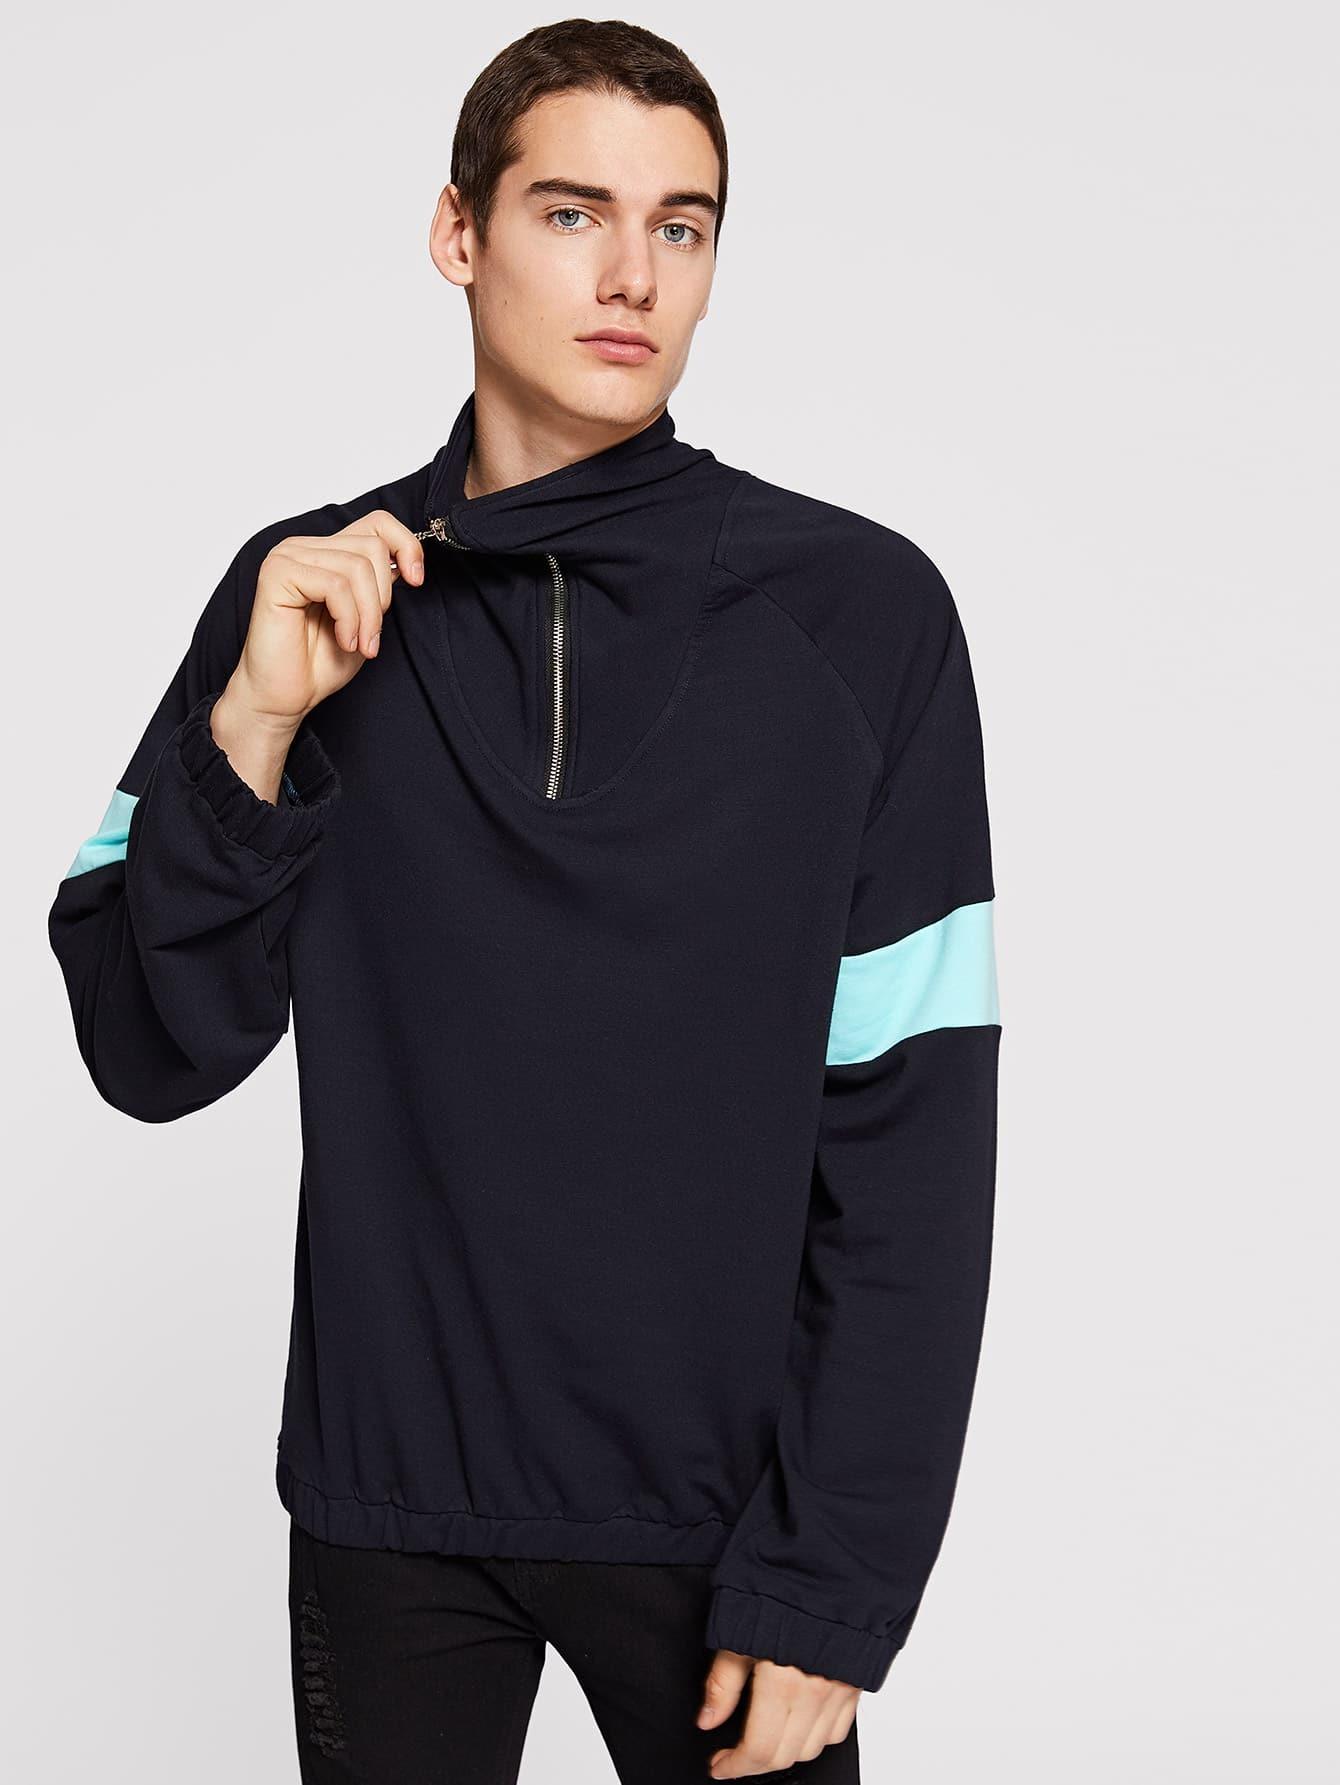 Купить Мужский пуловер с молнией и эластичным низом, Misha, SheIn